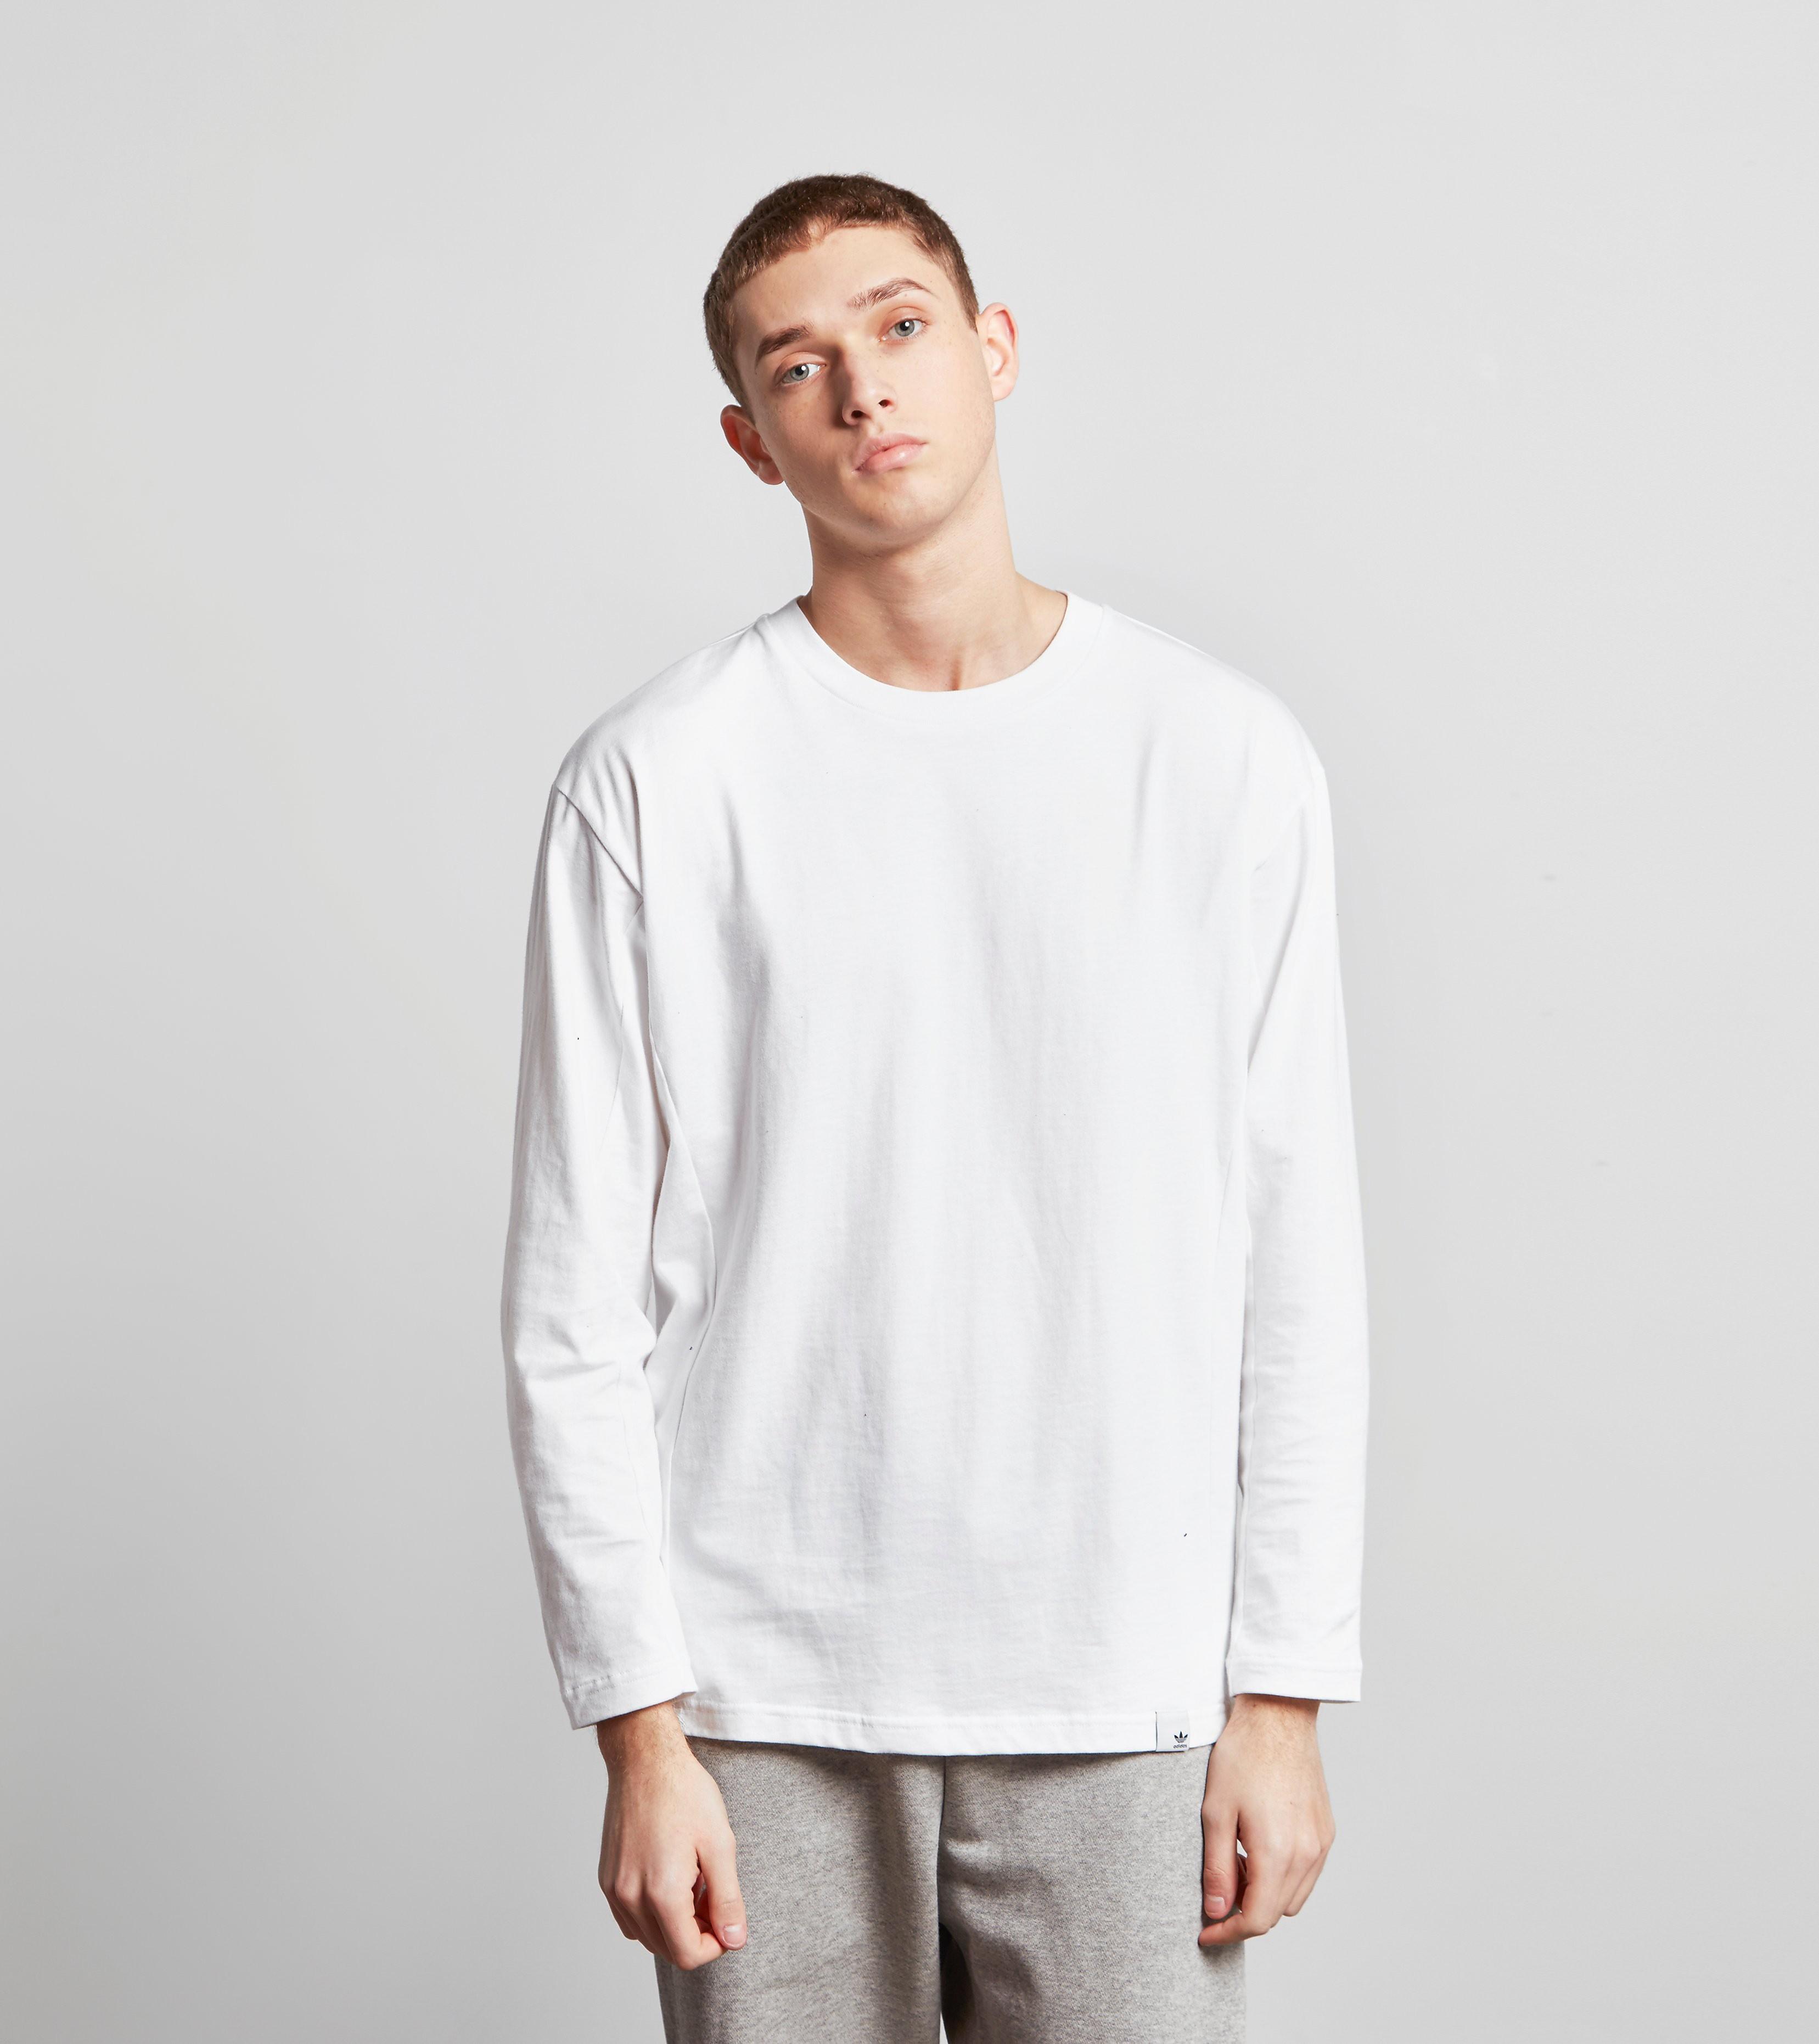 adidas Originals XBYO Long-Sleeved T-Shirt